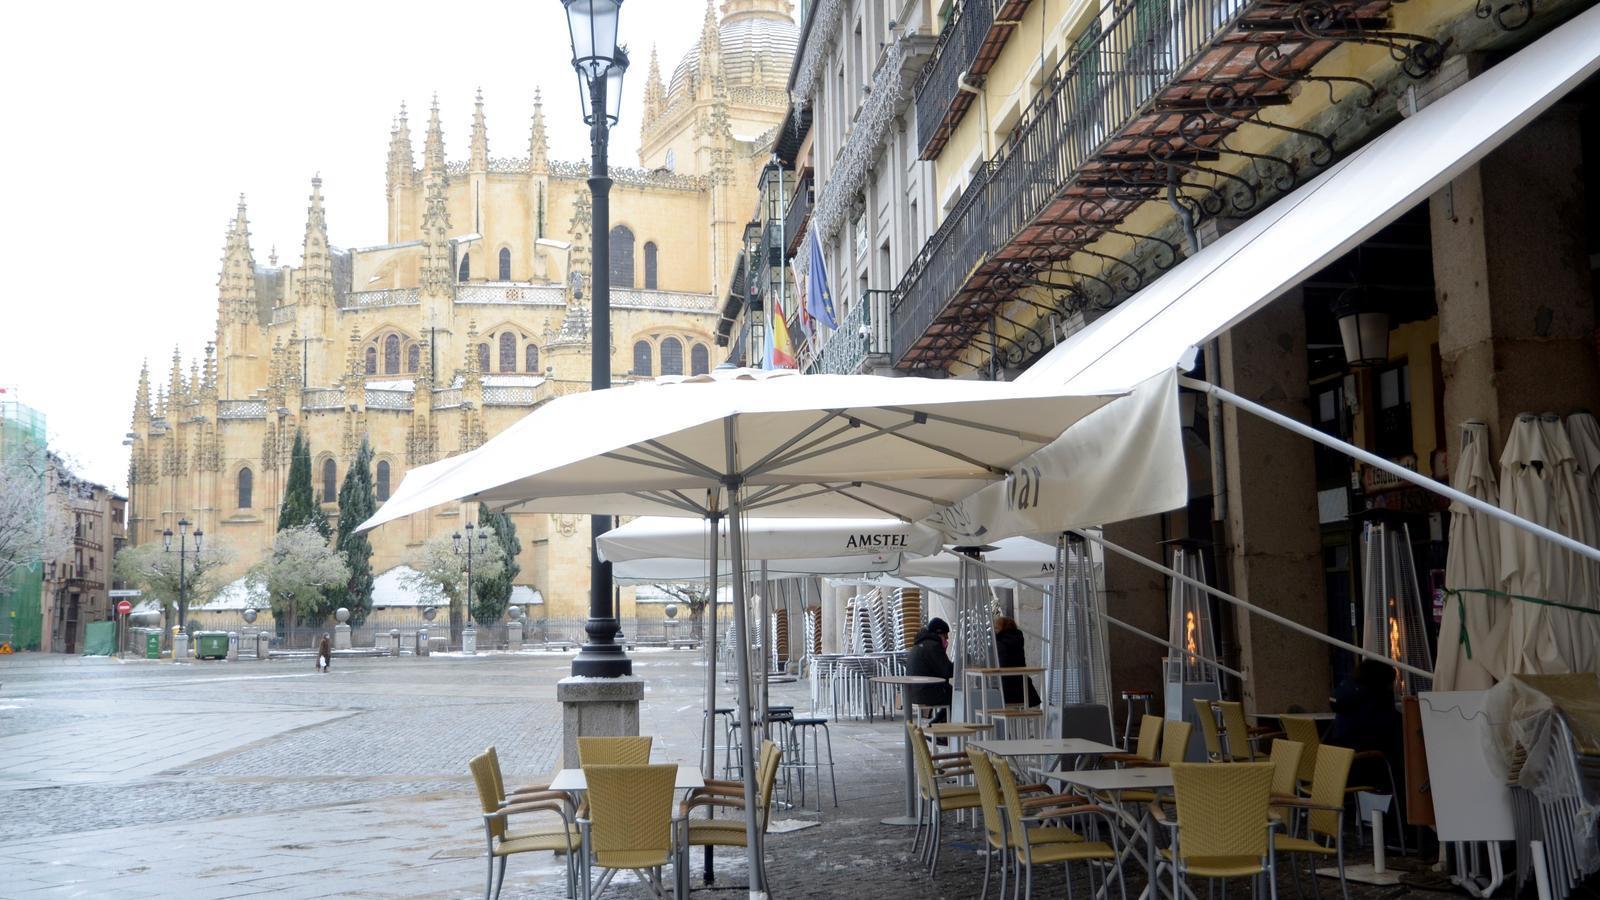 Castella i Lleón ha demanat el confinament domiciliari. Aquesta setmana ha prohibit consumir a l'interior de bars i restaurants. Només es pot en les terrasses, com en aquesta de Segòvia..